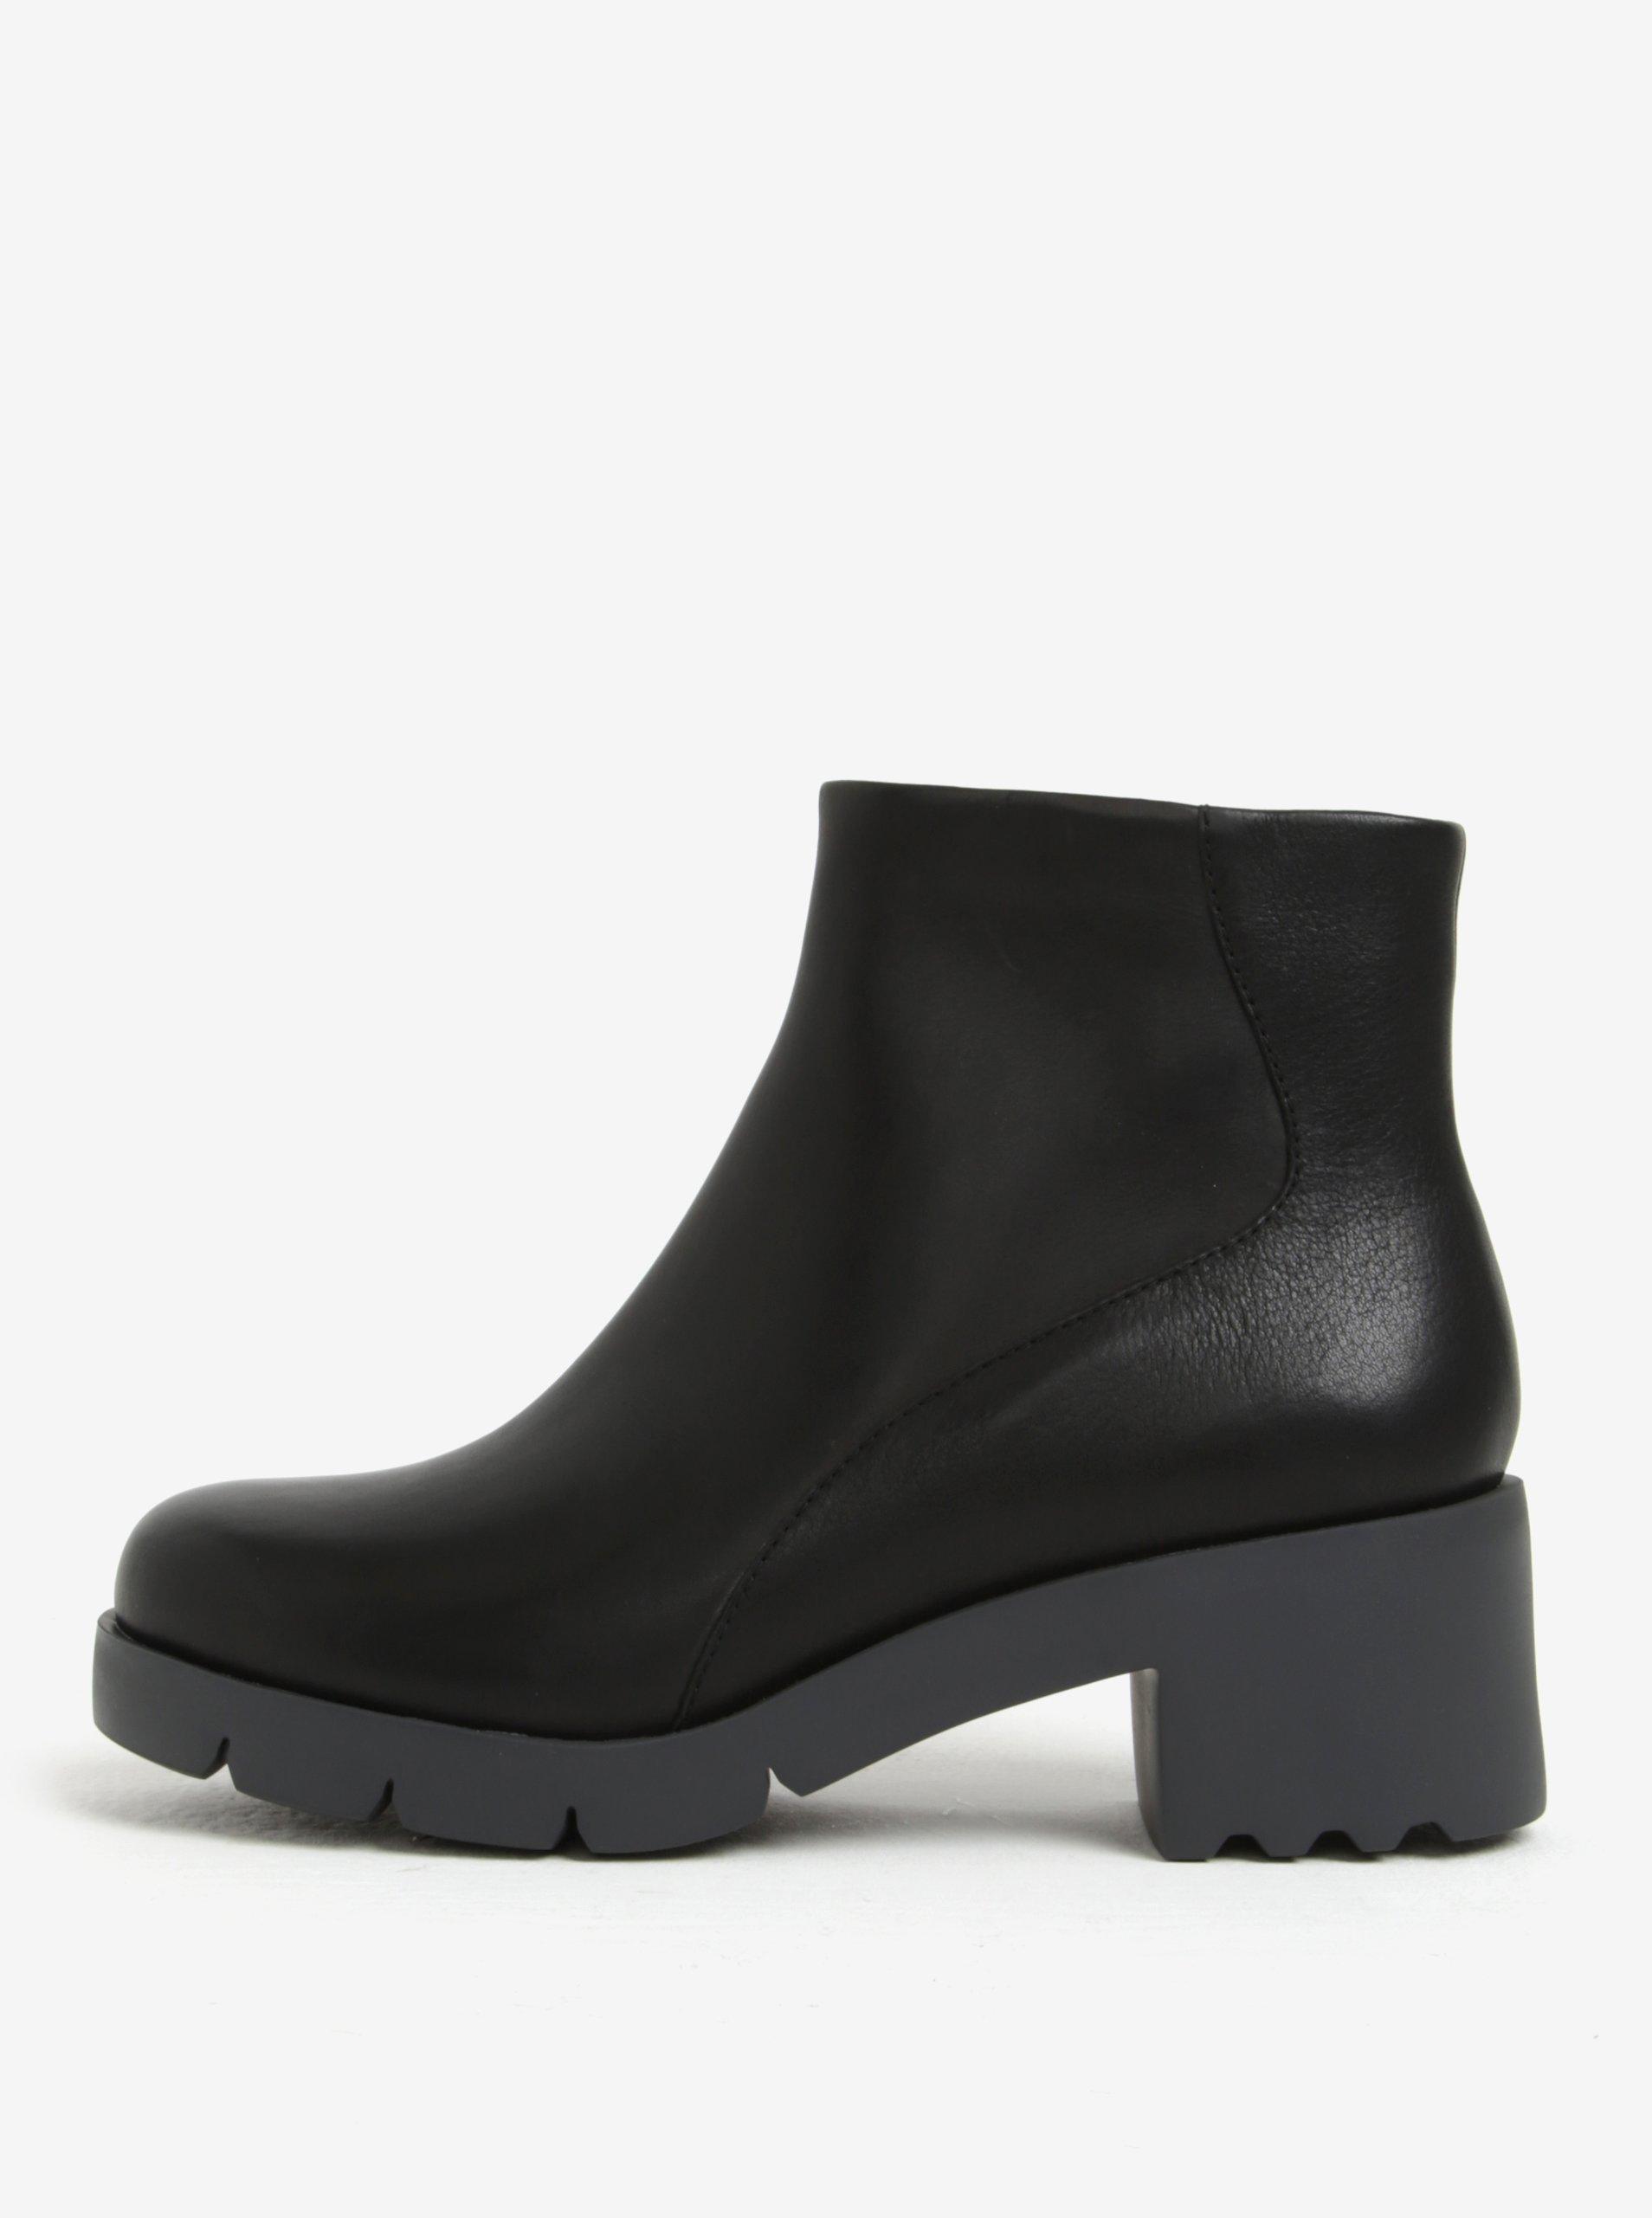 3b7a7d0946 Čierne dámske členkové kožené topánky na podpätku Camper Wanda